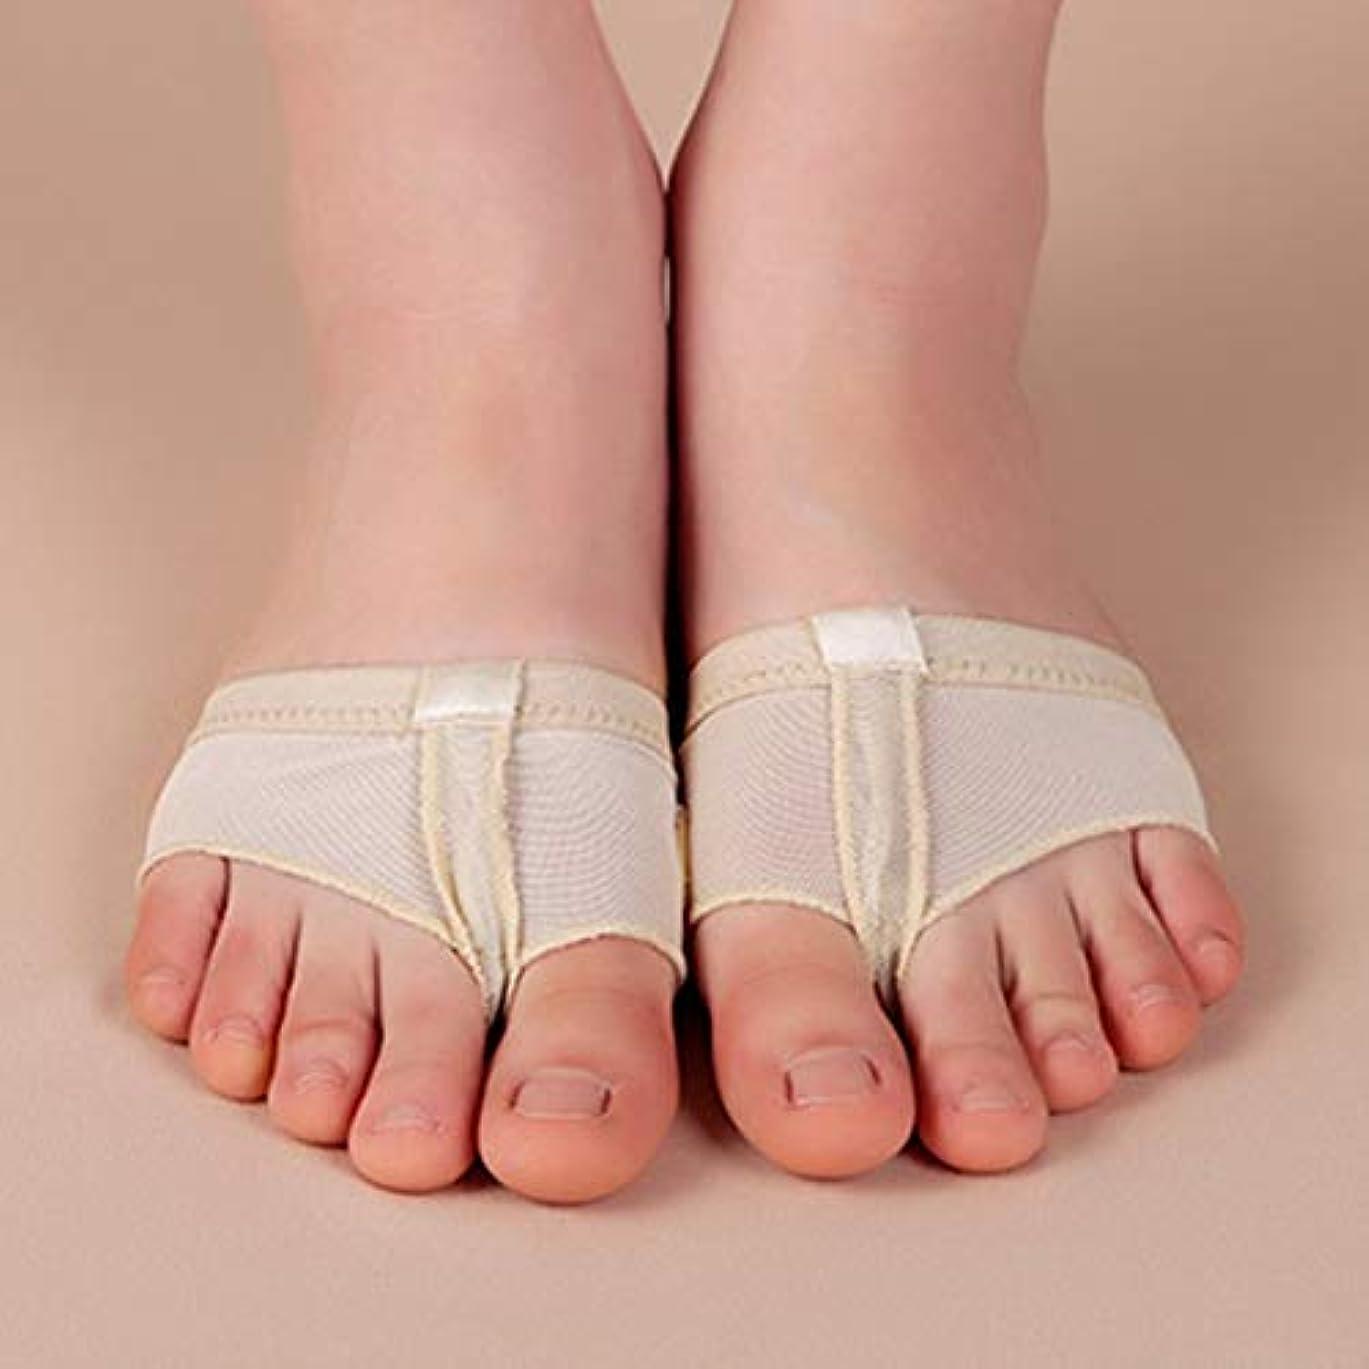 霜疲れた黒くする1 Pair Footful Foot Thong Toe Undies Ballet Dance Paws Metatarsal Forefoot Half Lyrical free shipping